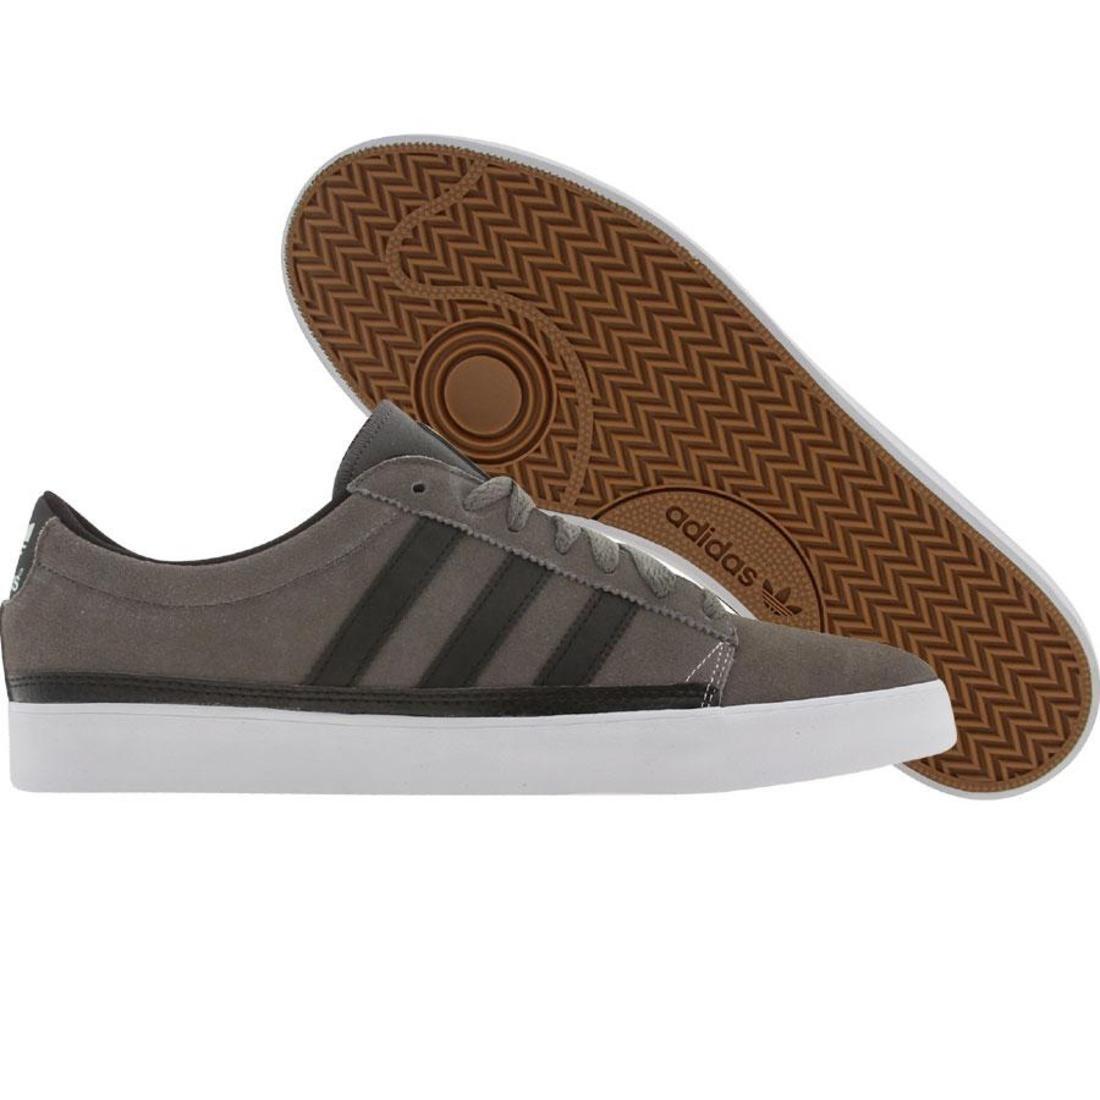 【海外限定】アディダス スケート 黒 ブラック 靴 メンズ靴 【 ADIDAS SKATE BLACK RAYADO LOW MEDIUM CINDER RUNNINWHITE 】